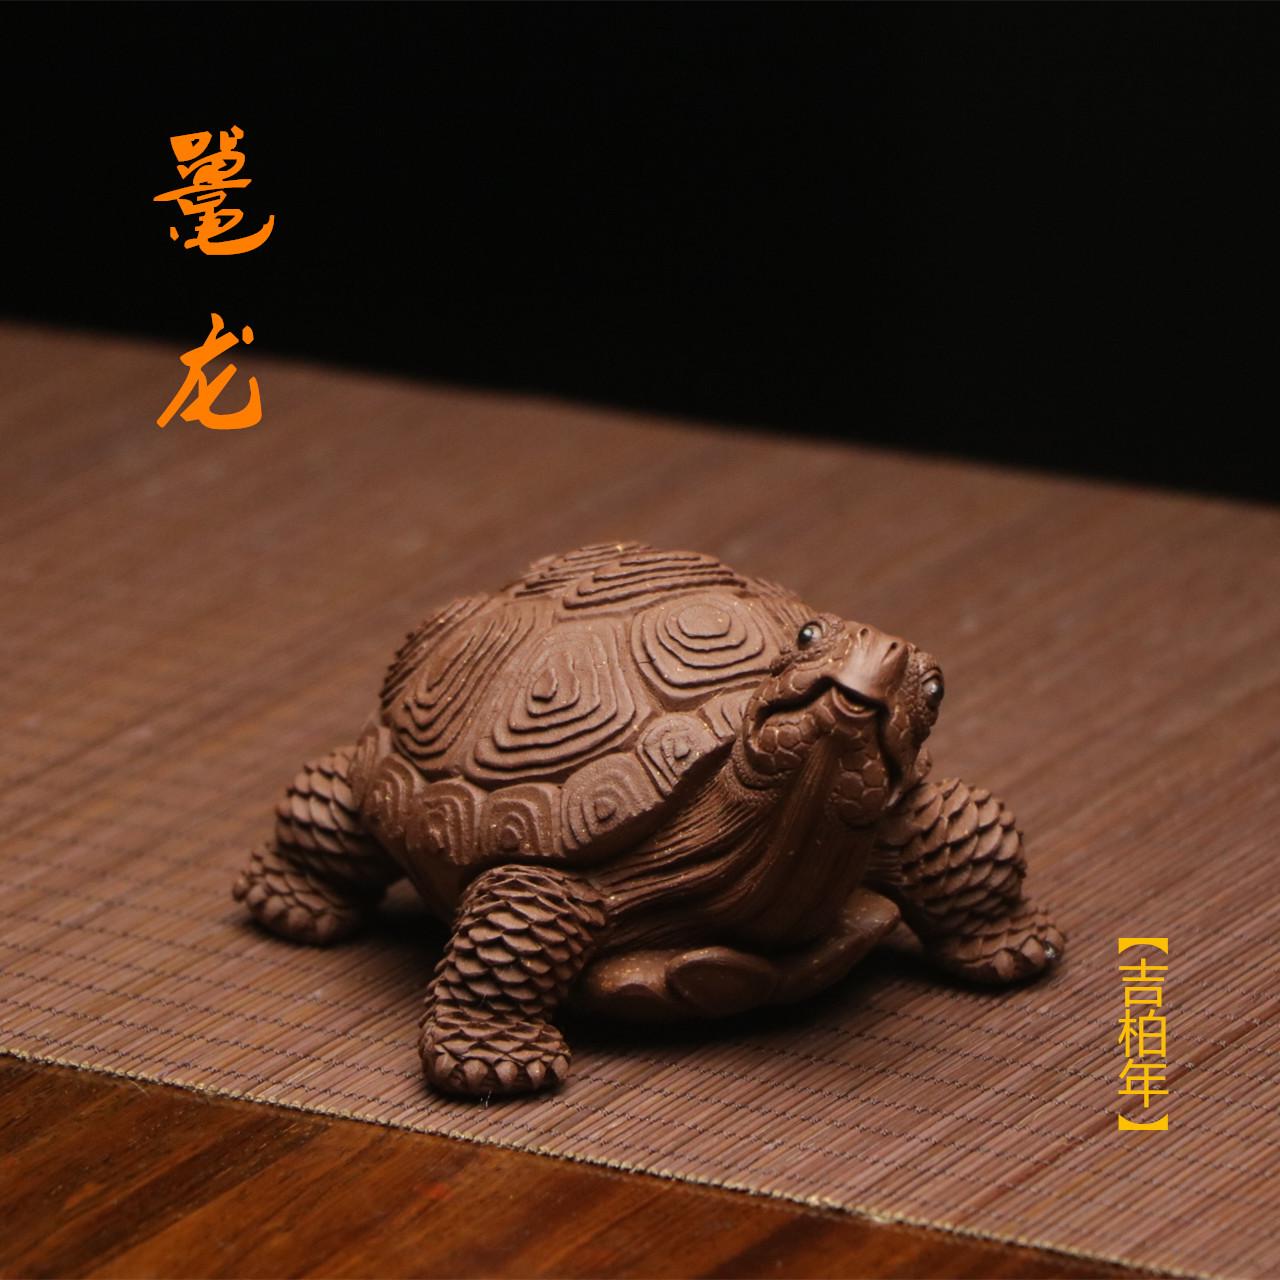 【禅踪】紫砂独家代理柏年堂吉柏年原创正品鼍龙文玩龙龟茶宠摆件